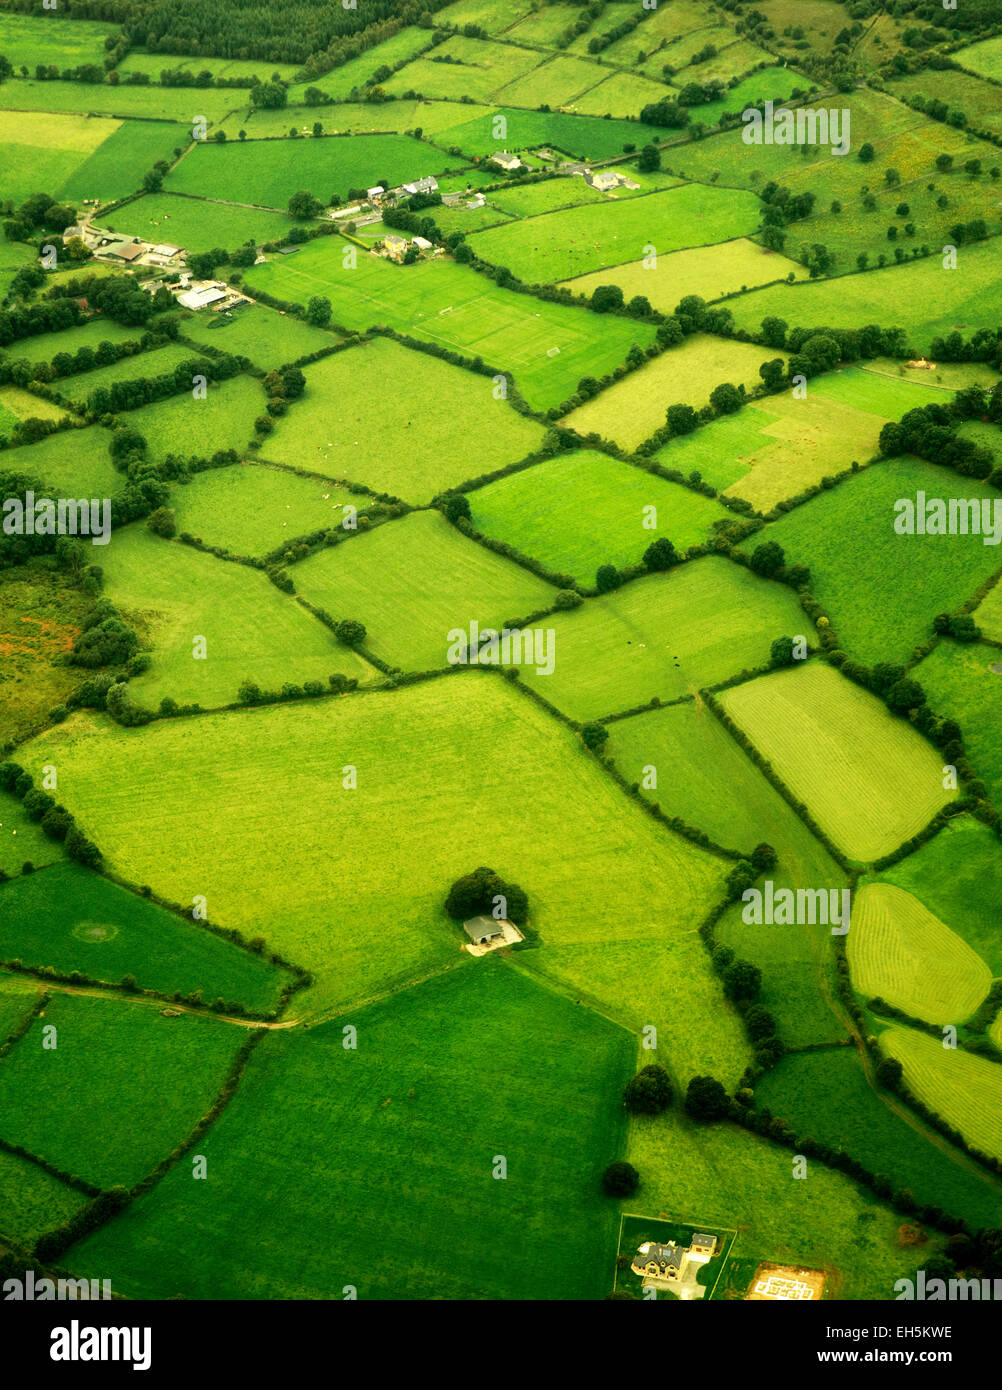 Les verts pâturages comme vu de l'air. L'Irlande Photo Stock